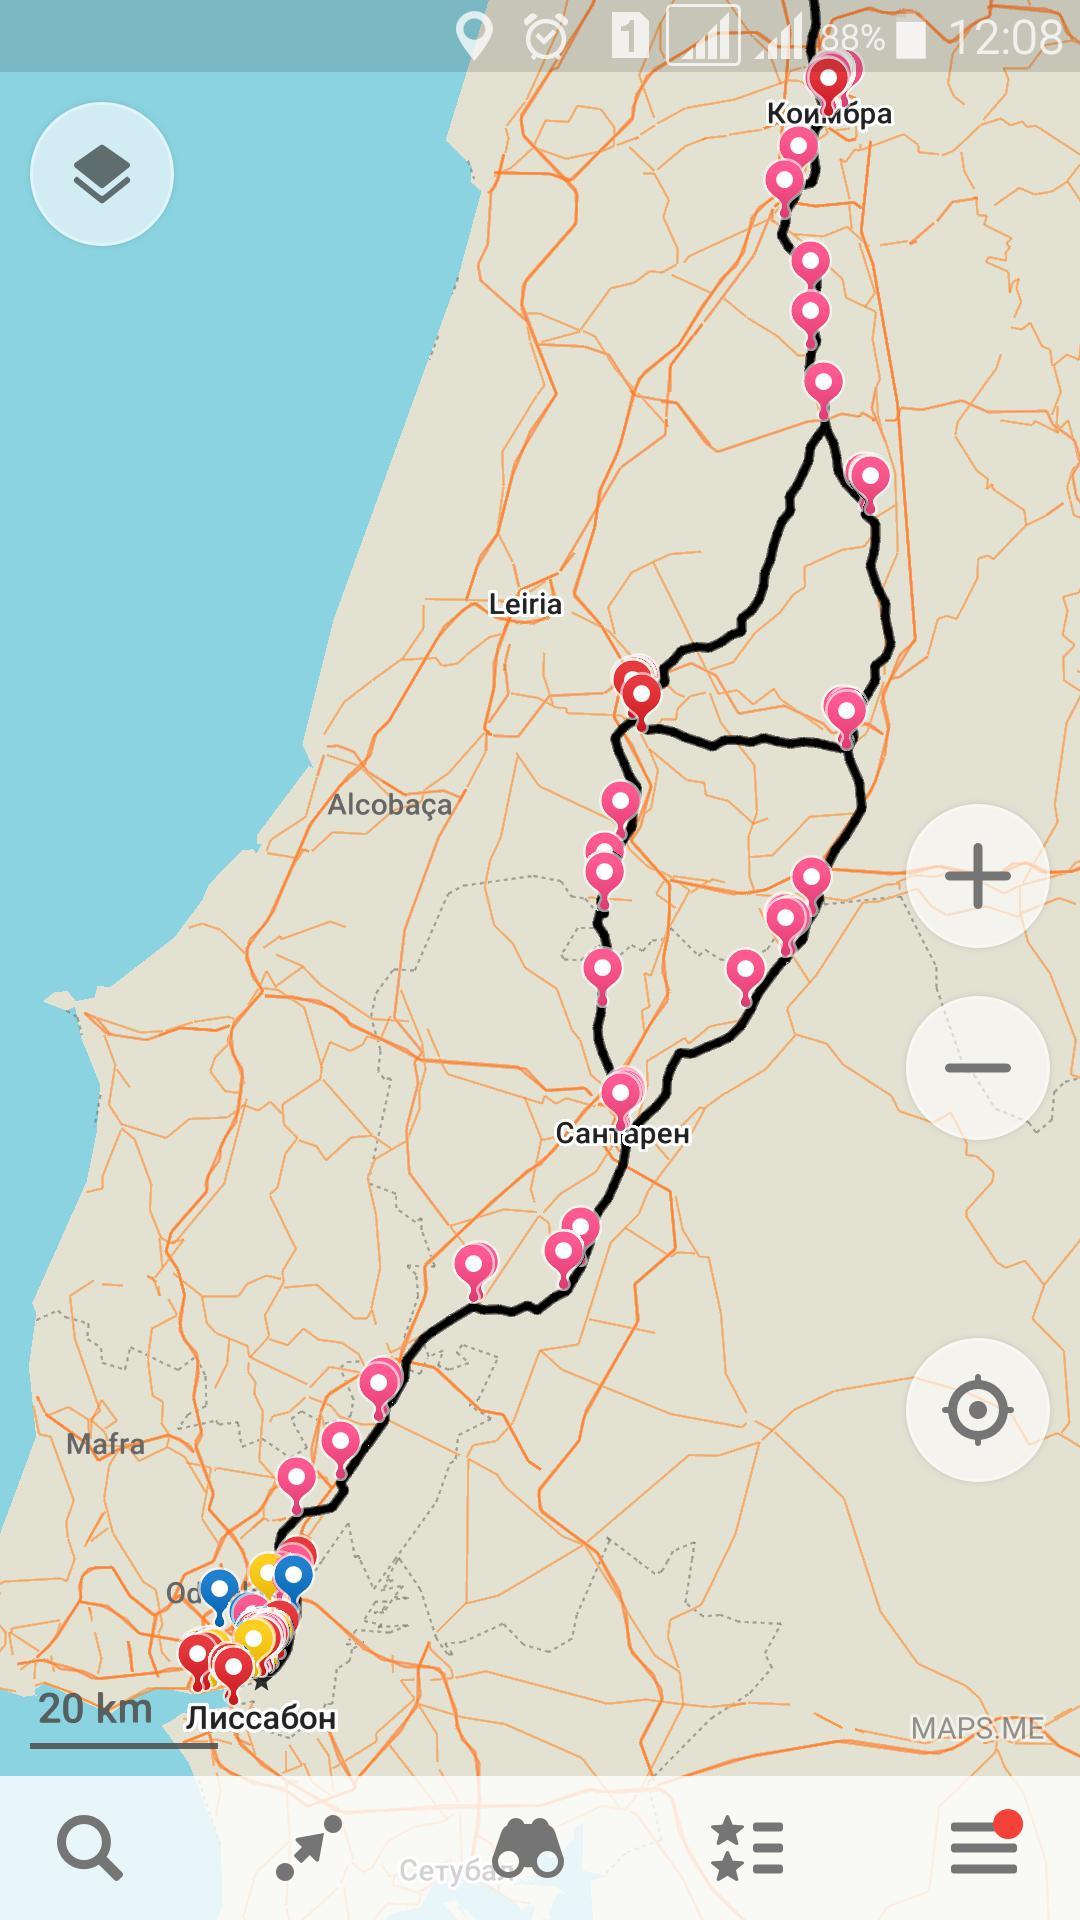 Португальский путь Фатима